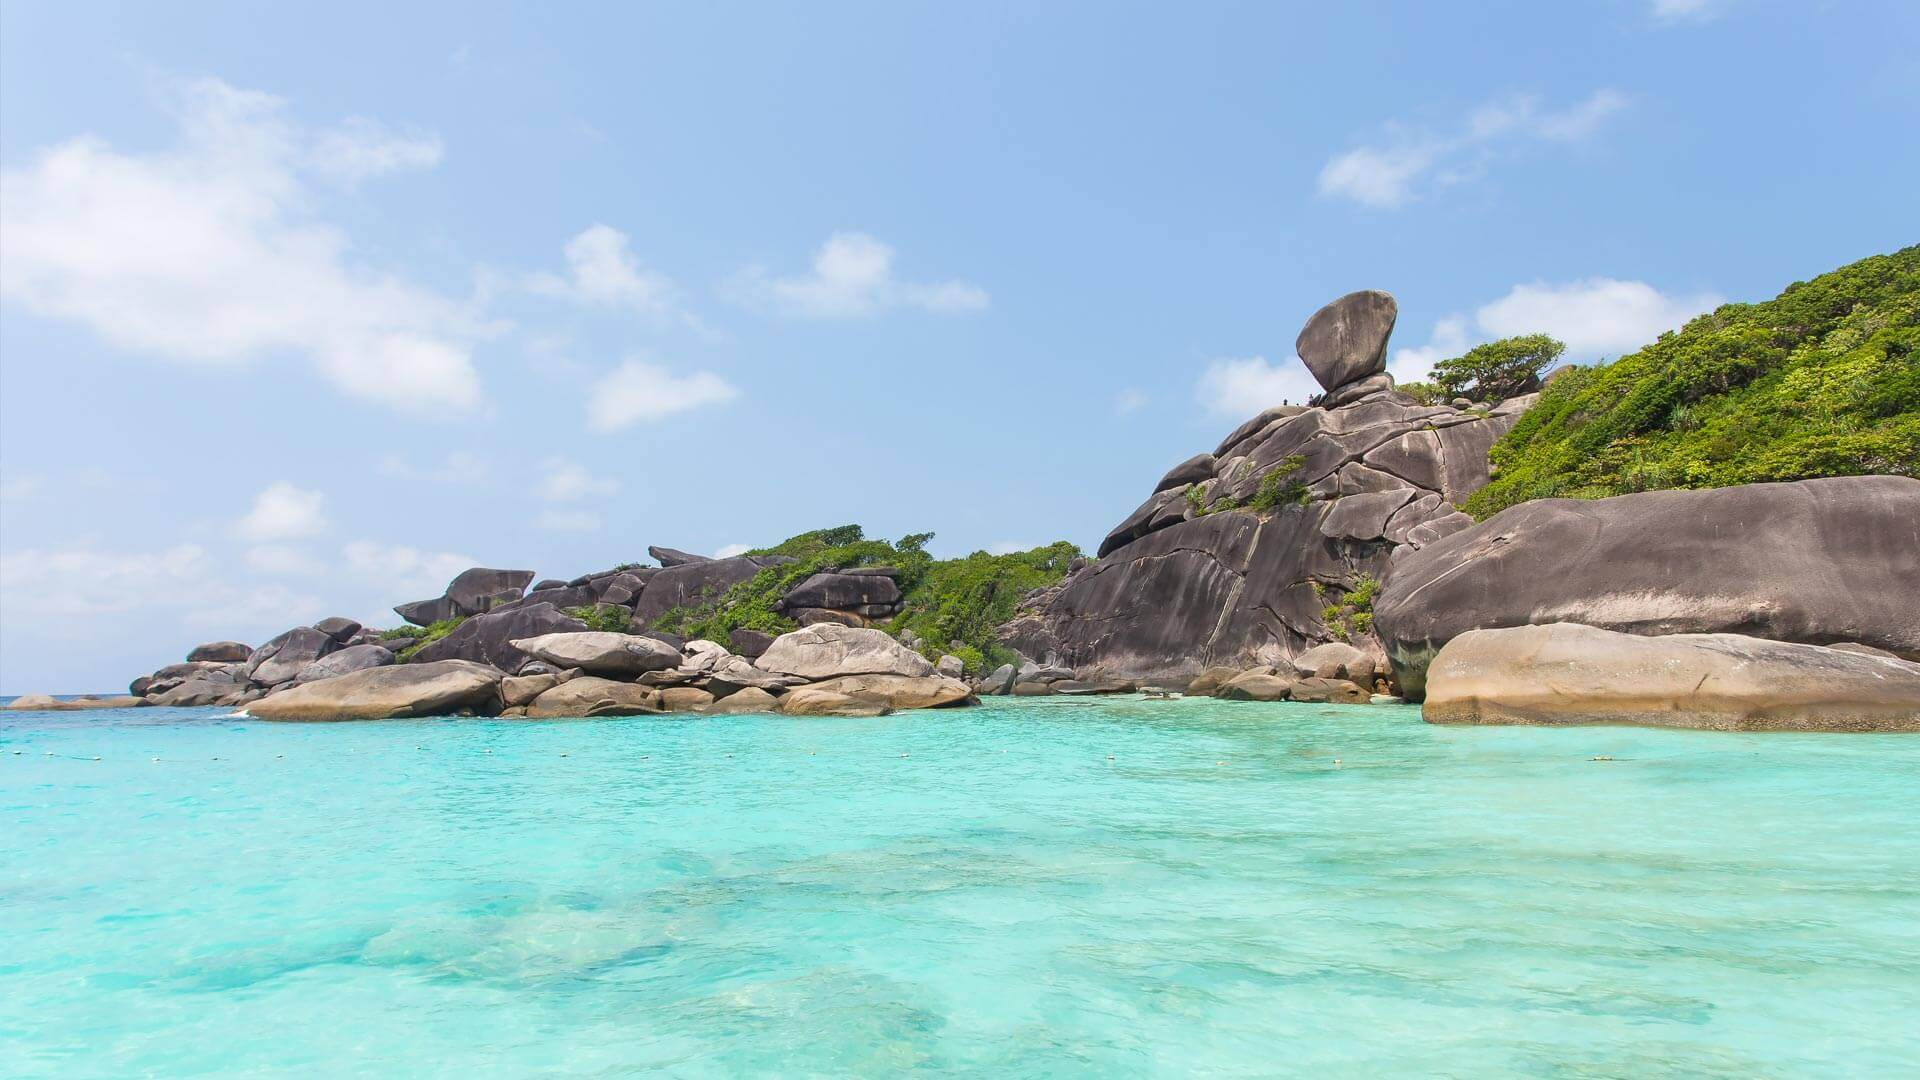 Similanské ostrovy